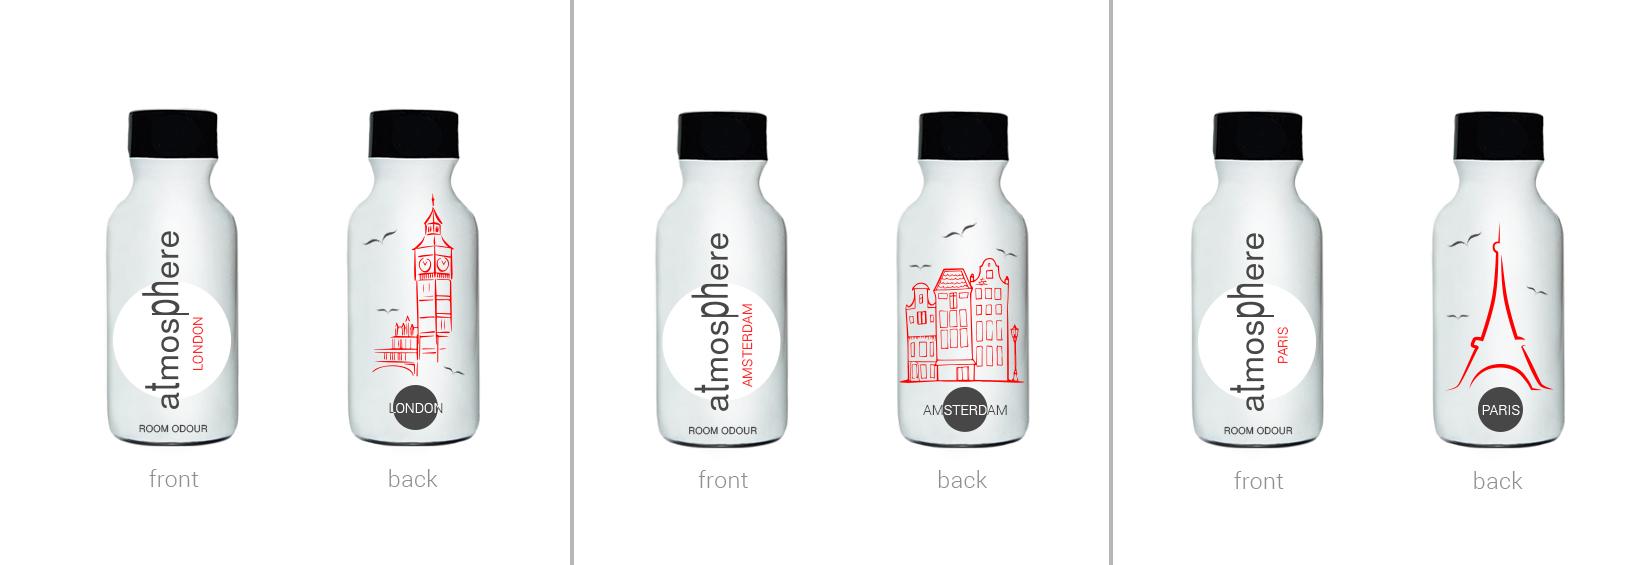 Дизайн упаковки для дезодорантов